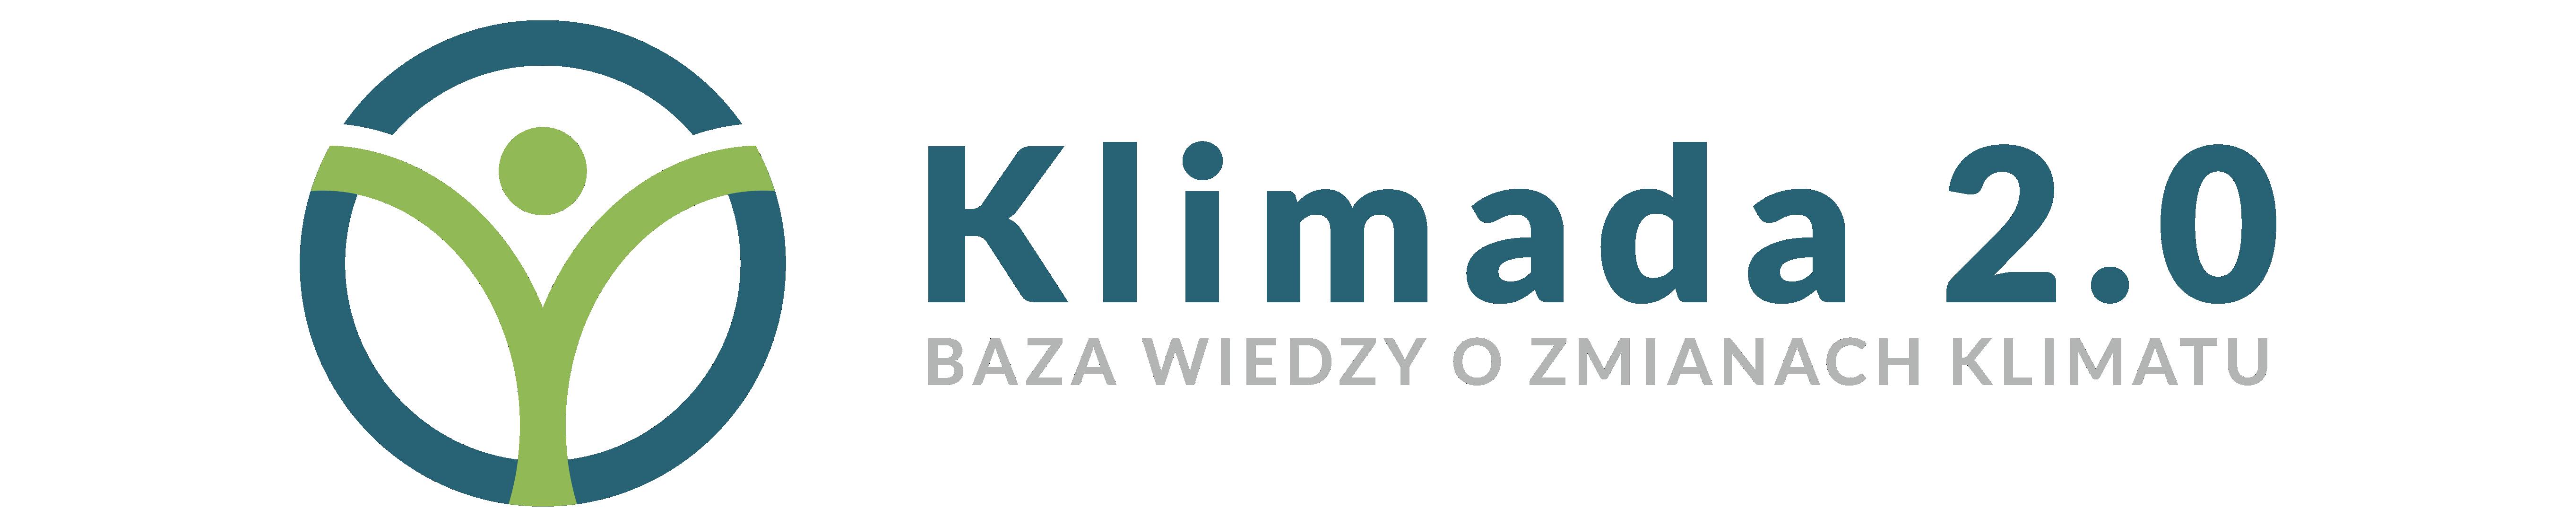 Klimada 2.0